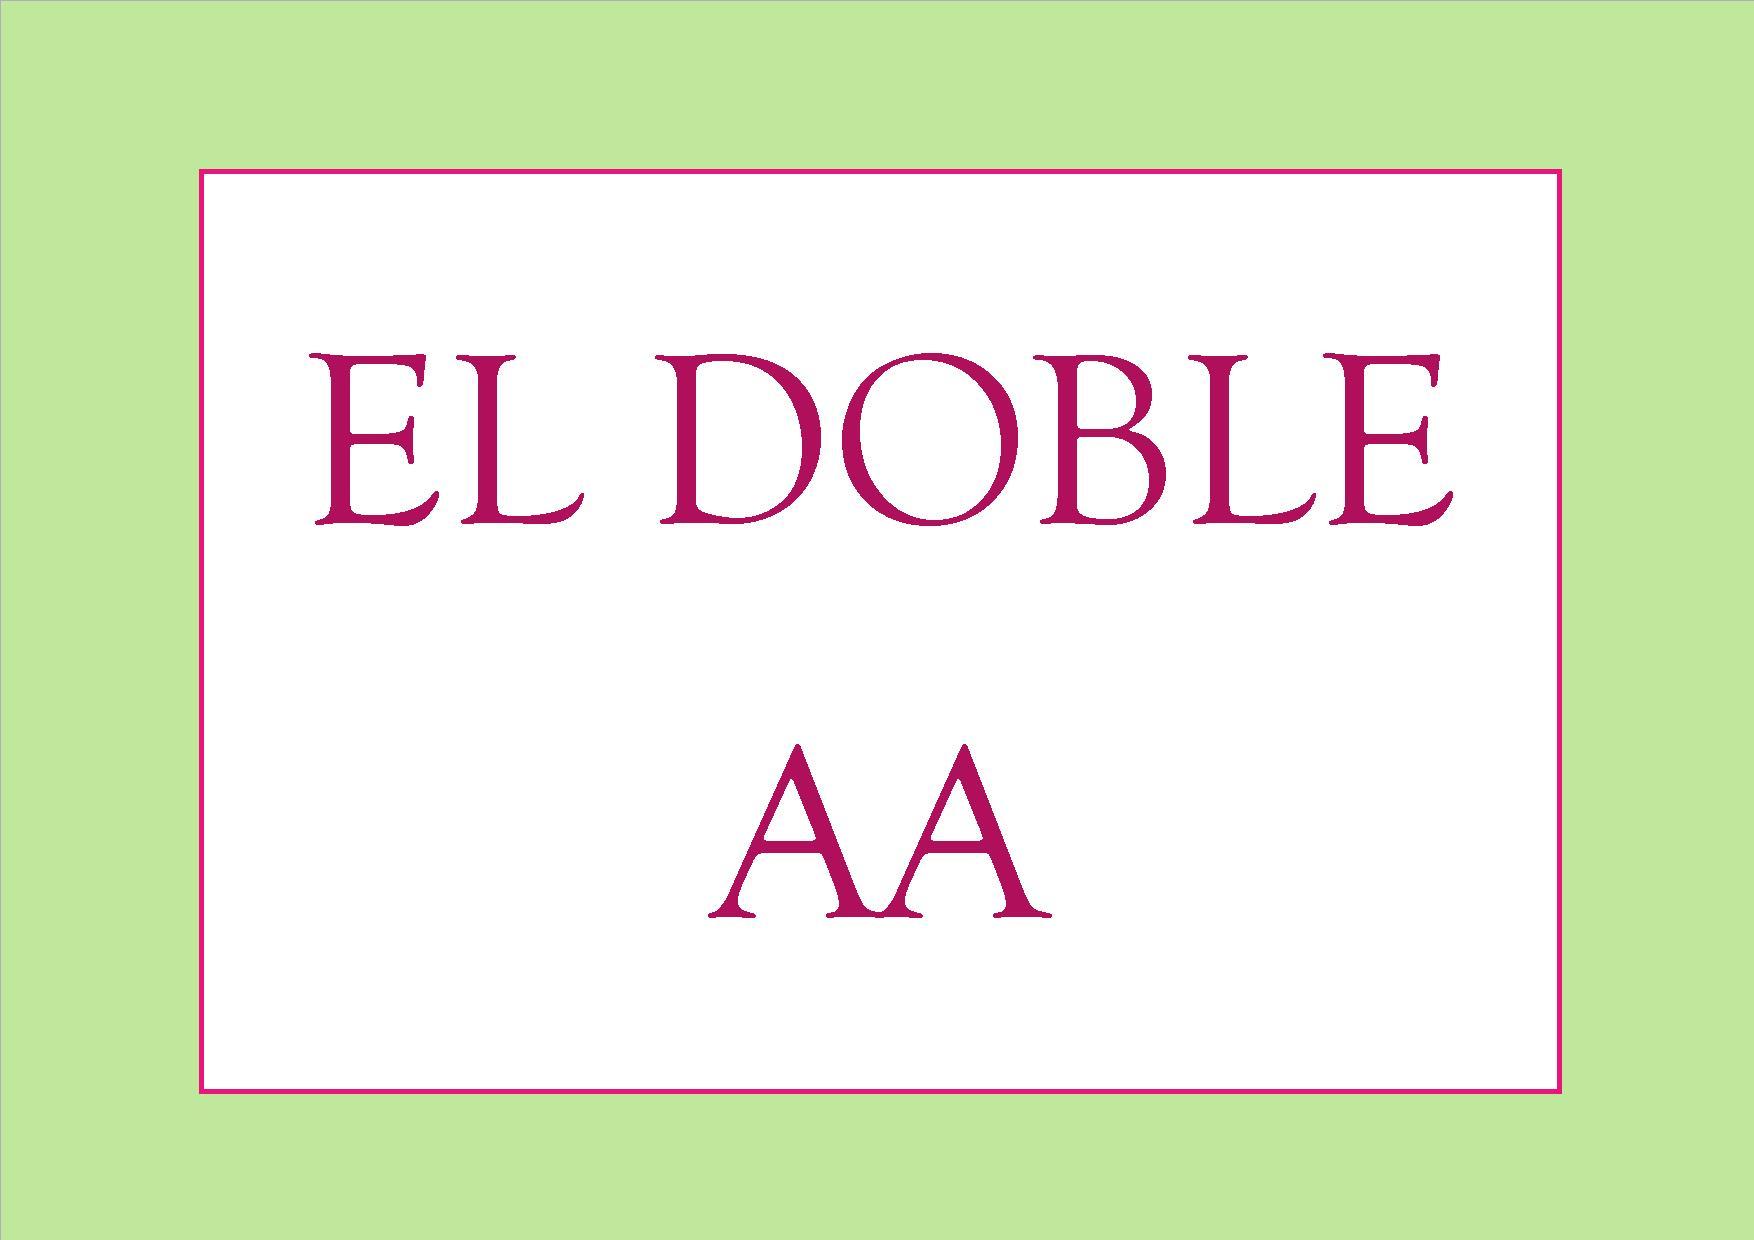 El doble AA  ¡ ahorra en productos de limpieza !